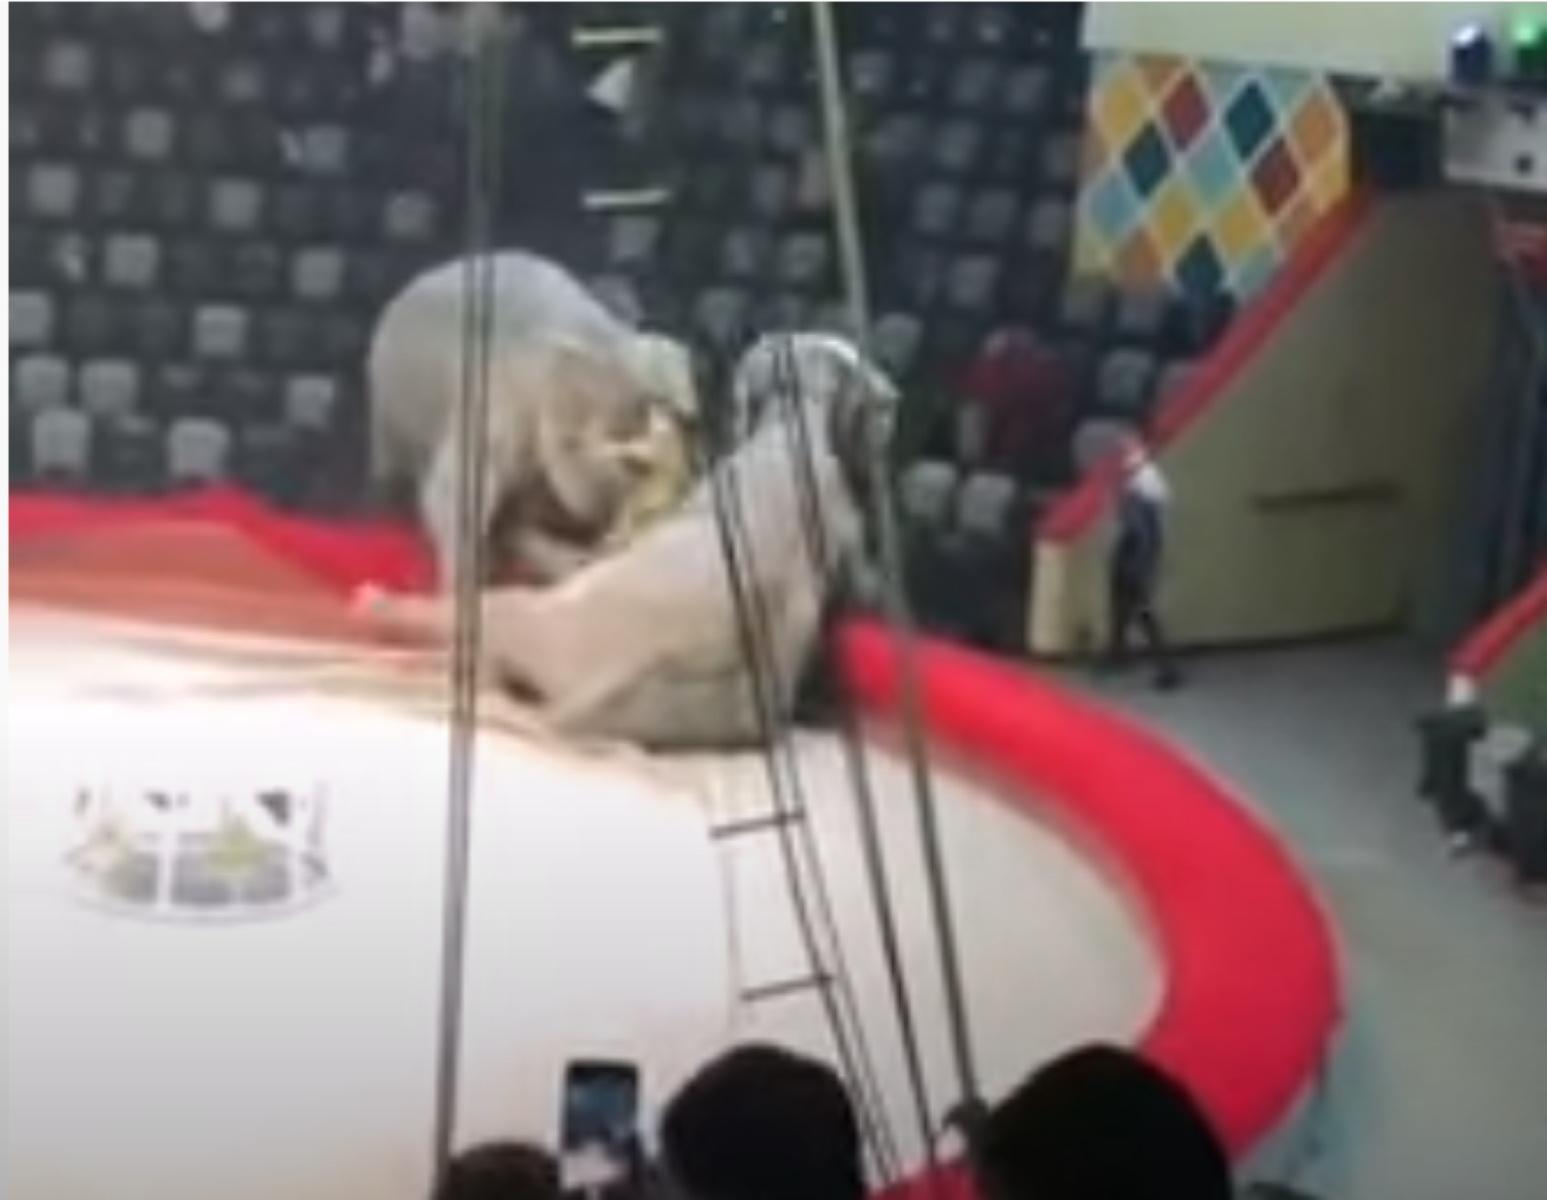 Πανικός σε τσίρκο: Άγριος καβγάς ελεφάντων – Τρόμος για τους θεατές (video)